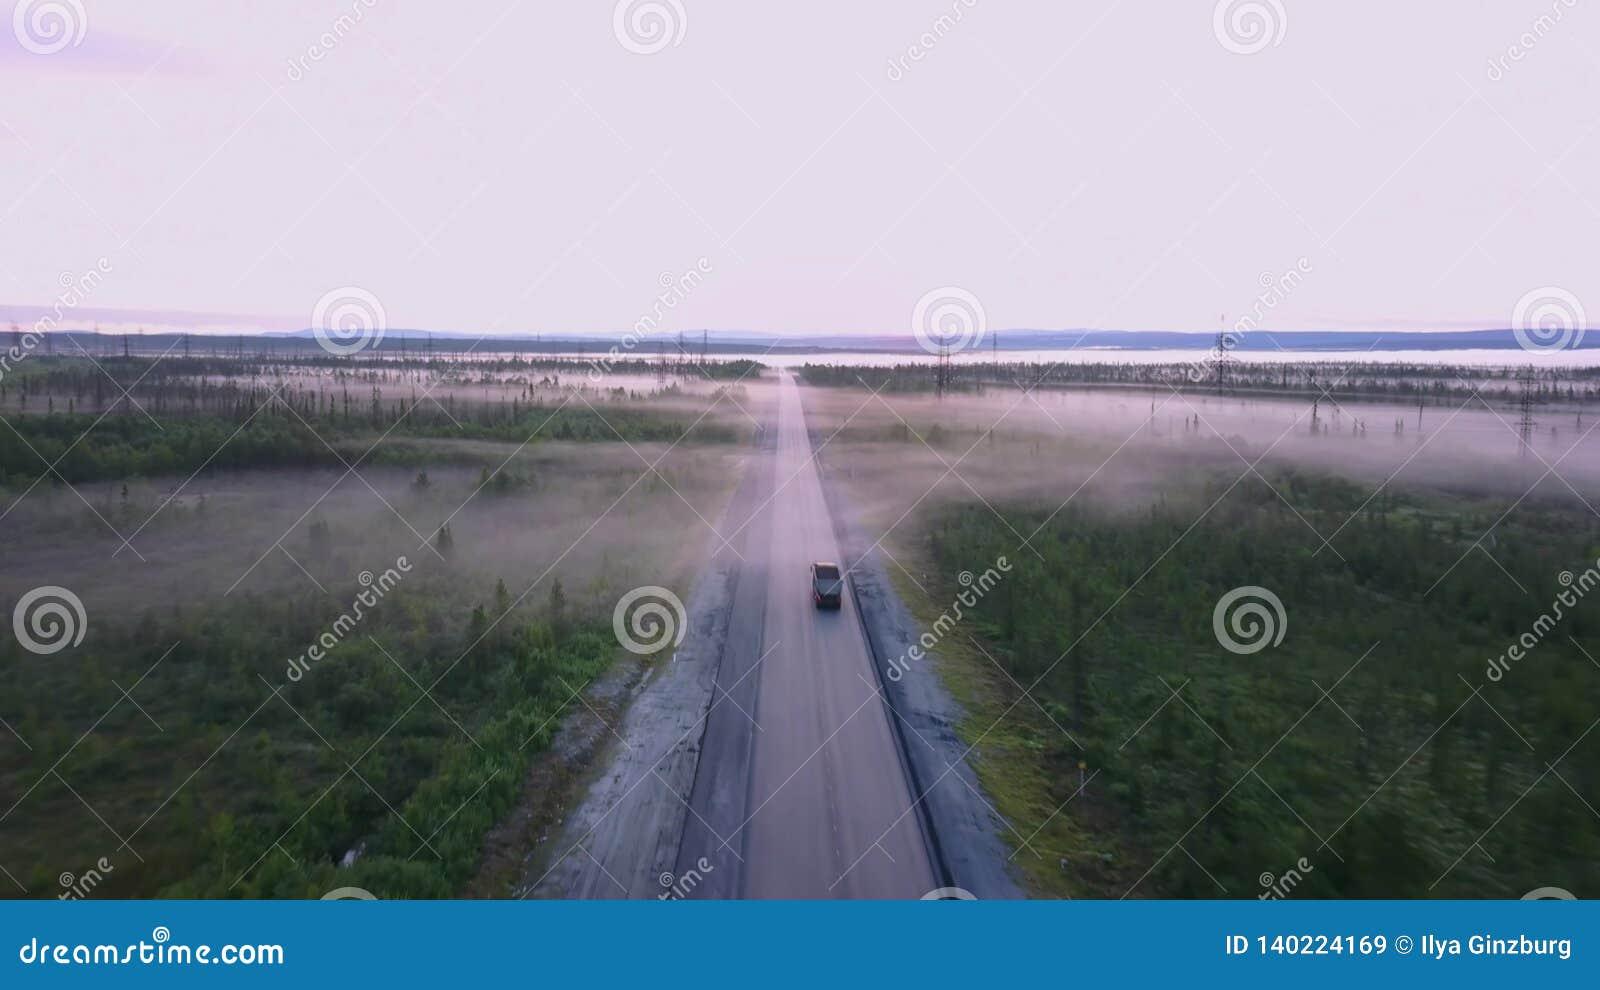 Estrada do norte do russo no verão nas florestas, tiro aéreo